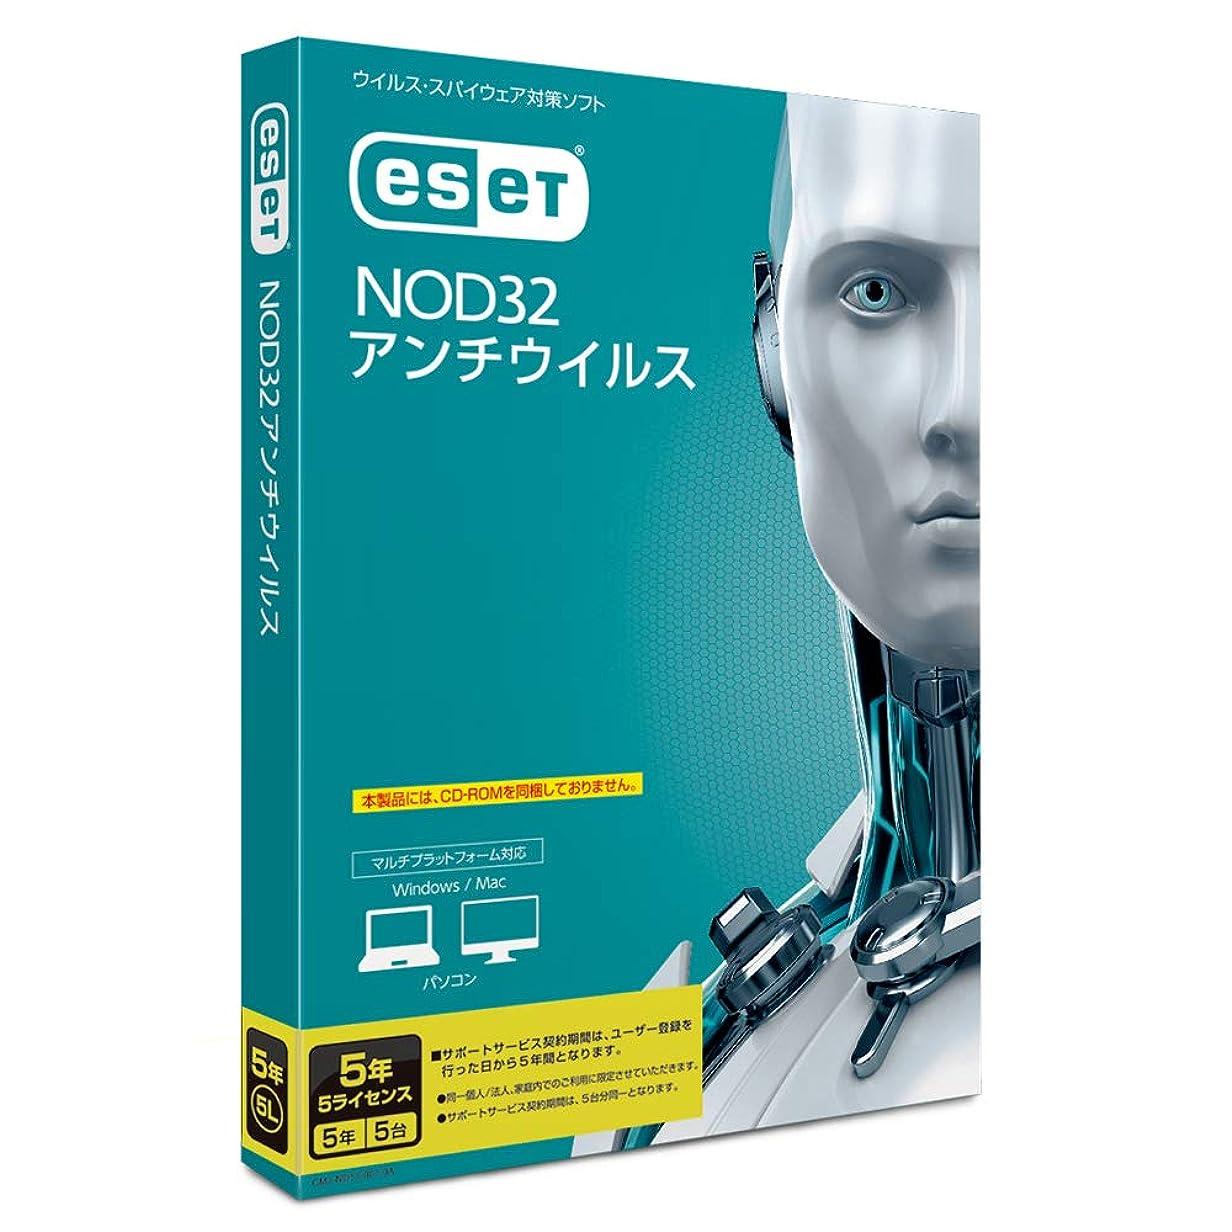 ペイントチャレンジ生き物ESET NOD32アンチウイルス(最新)|5台5年版|Win/Mac対応